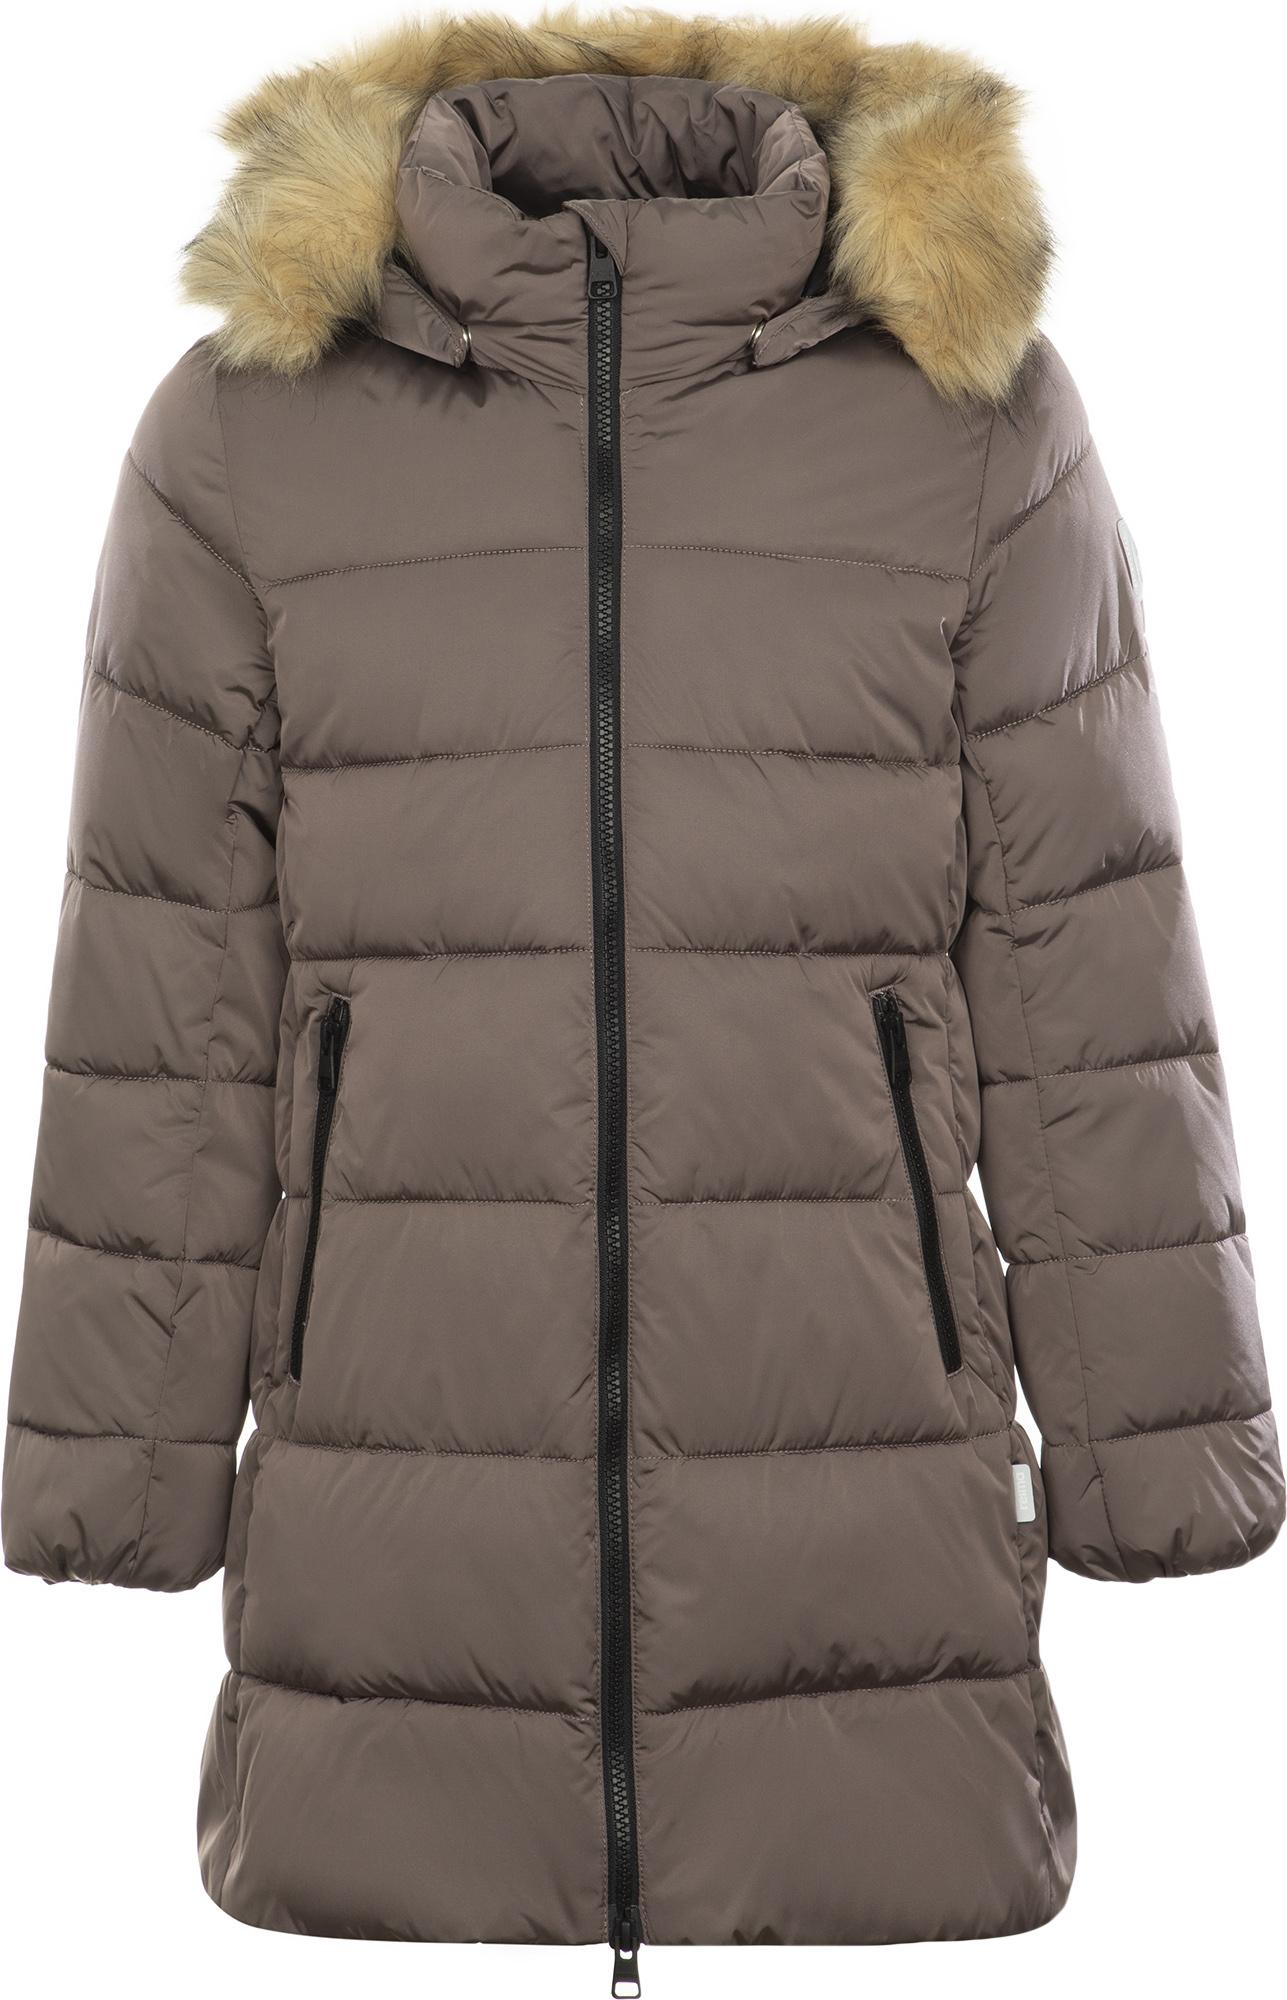 Фото - Reima Куртка утепленная для девочек Reima Lunta, размер 158 reima шапка вязаная для девочек reima размер 56